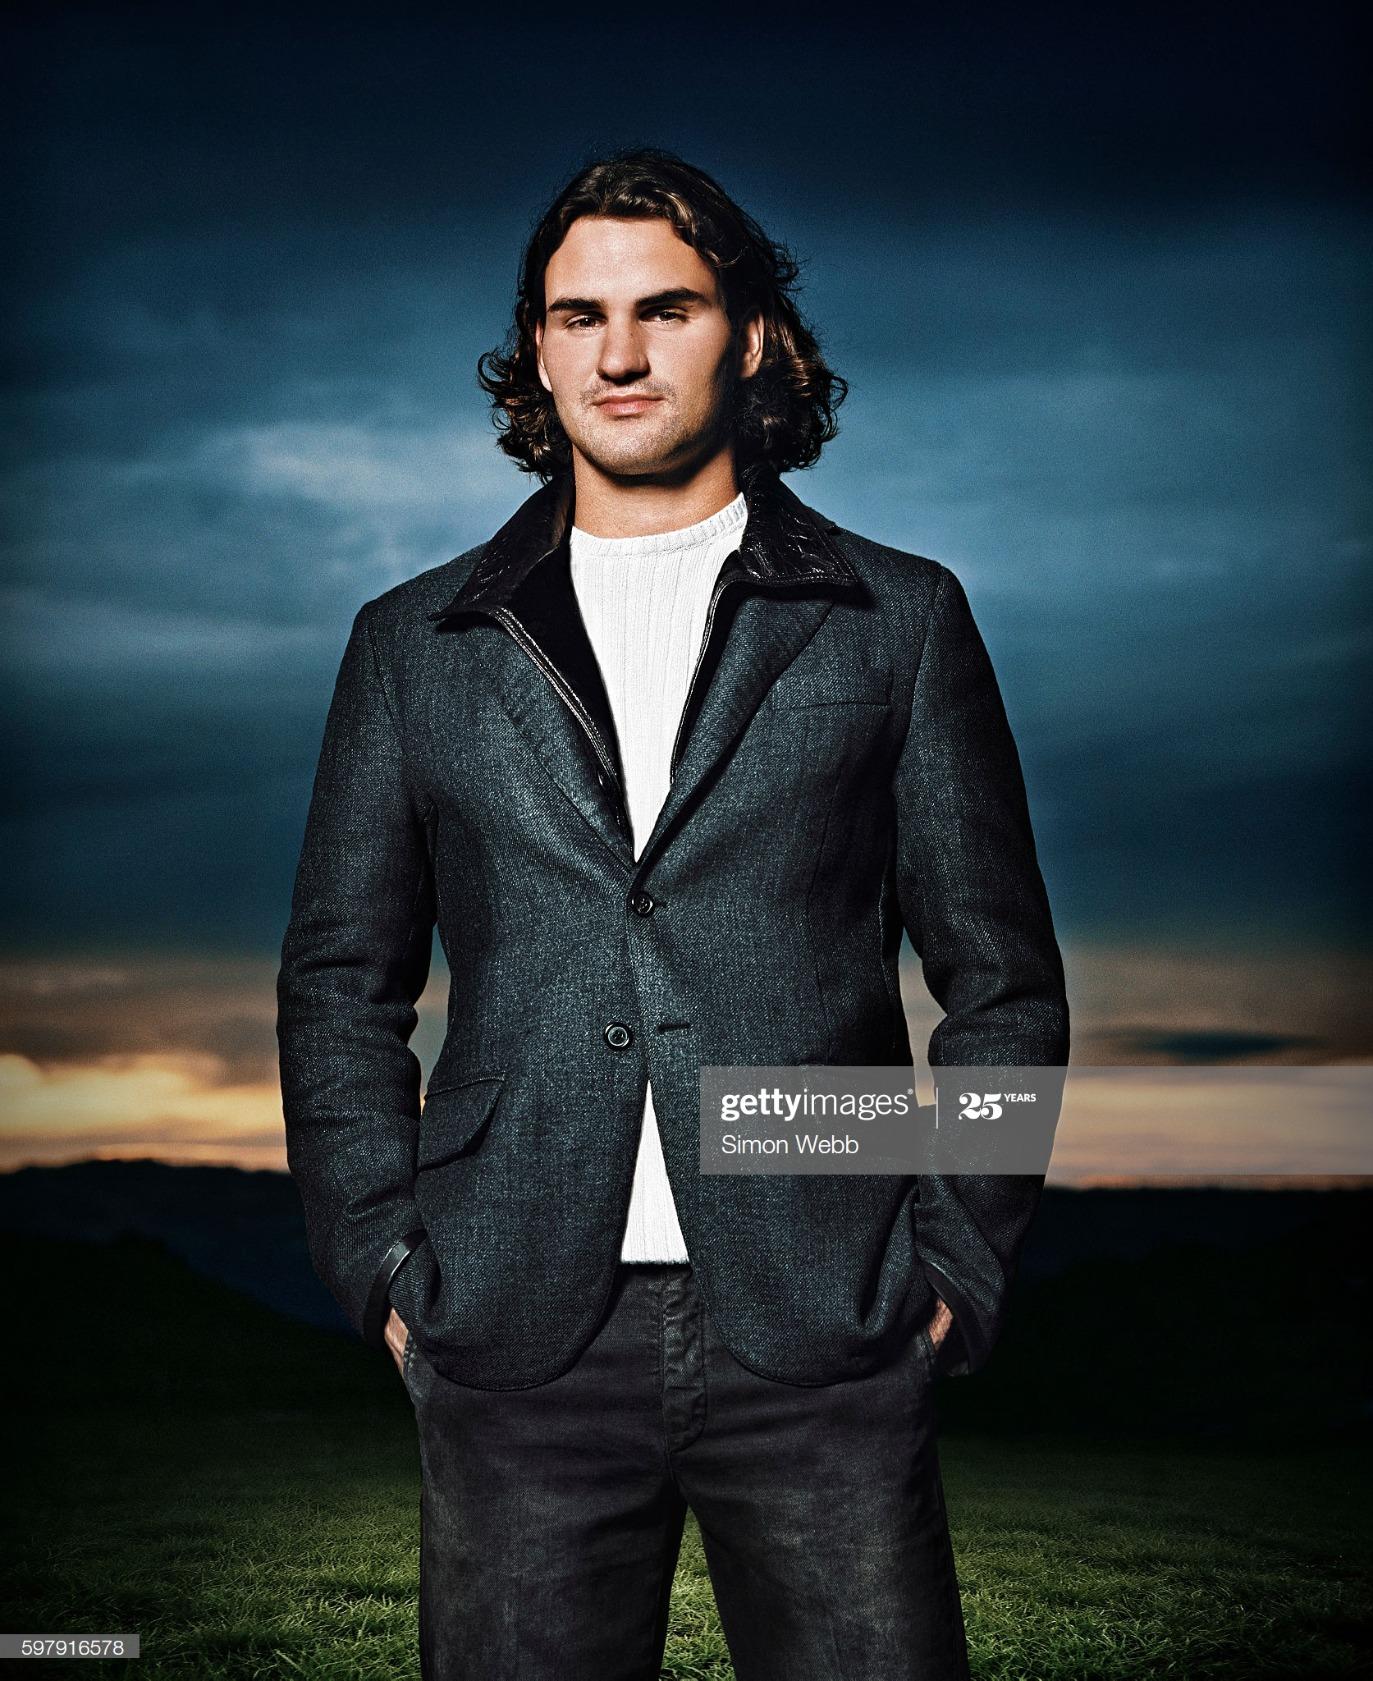 Roger Federer, Portrait shoot, September 14, 2005 : News Photo